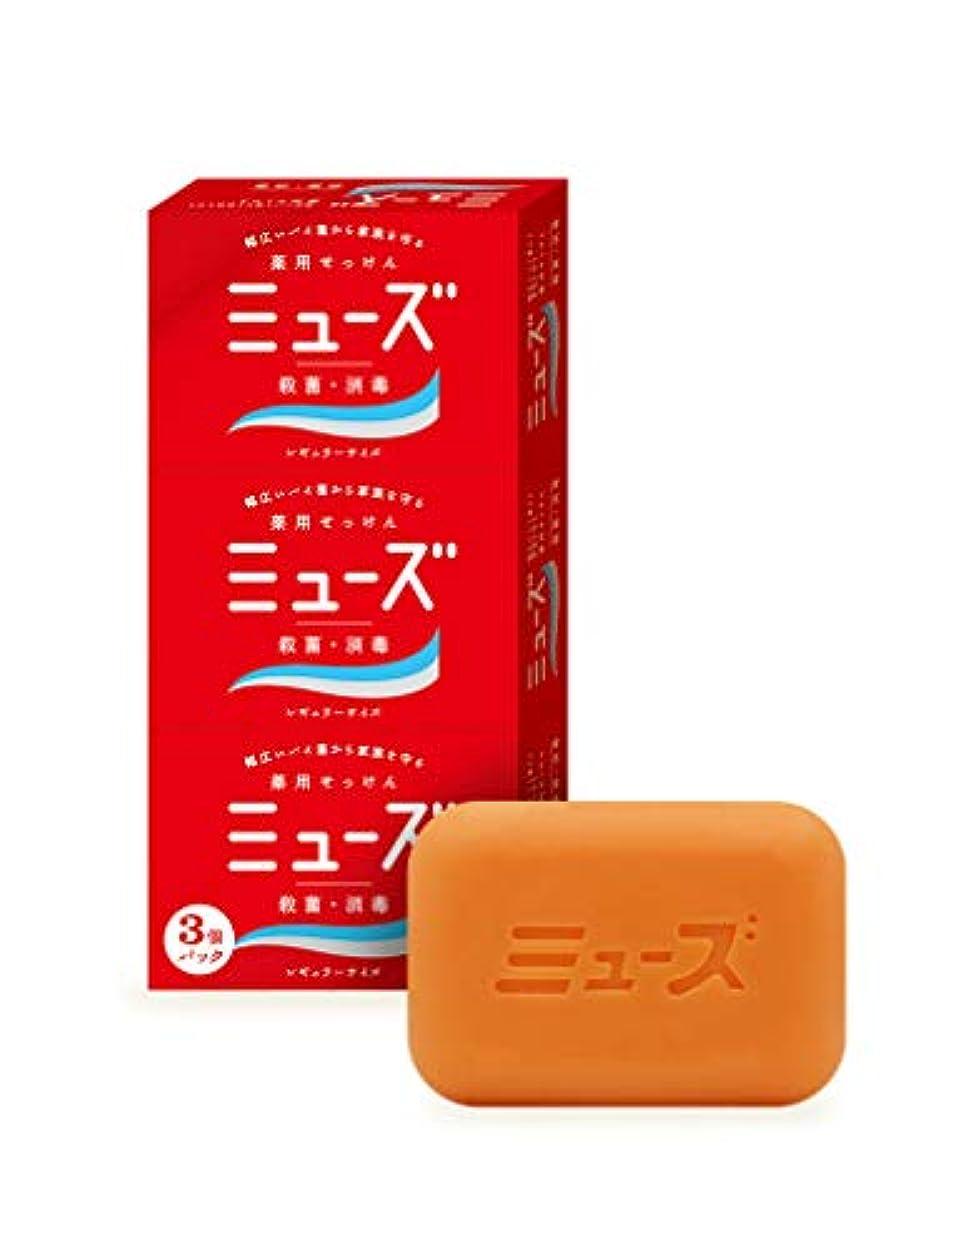 取り除く君主制流用する【医薬部外品】ミューズ石鹸 レギュラー 95g×3個パック